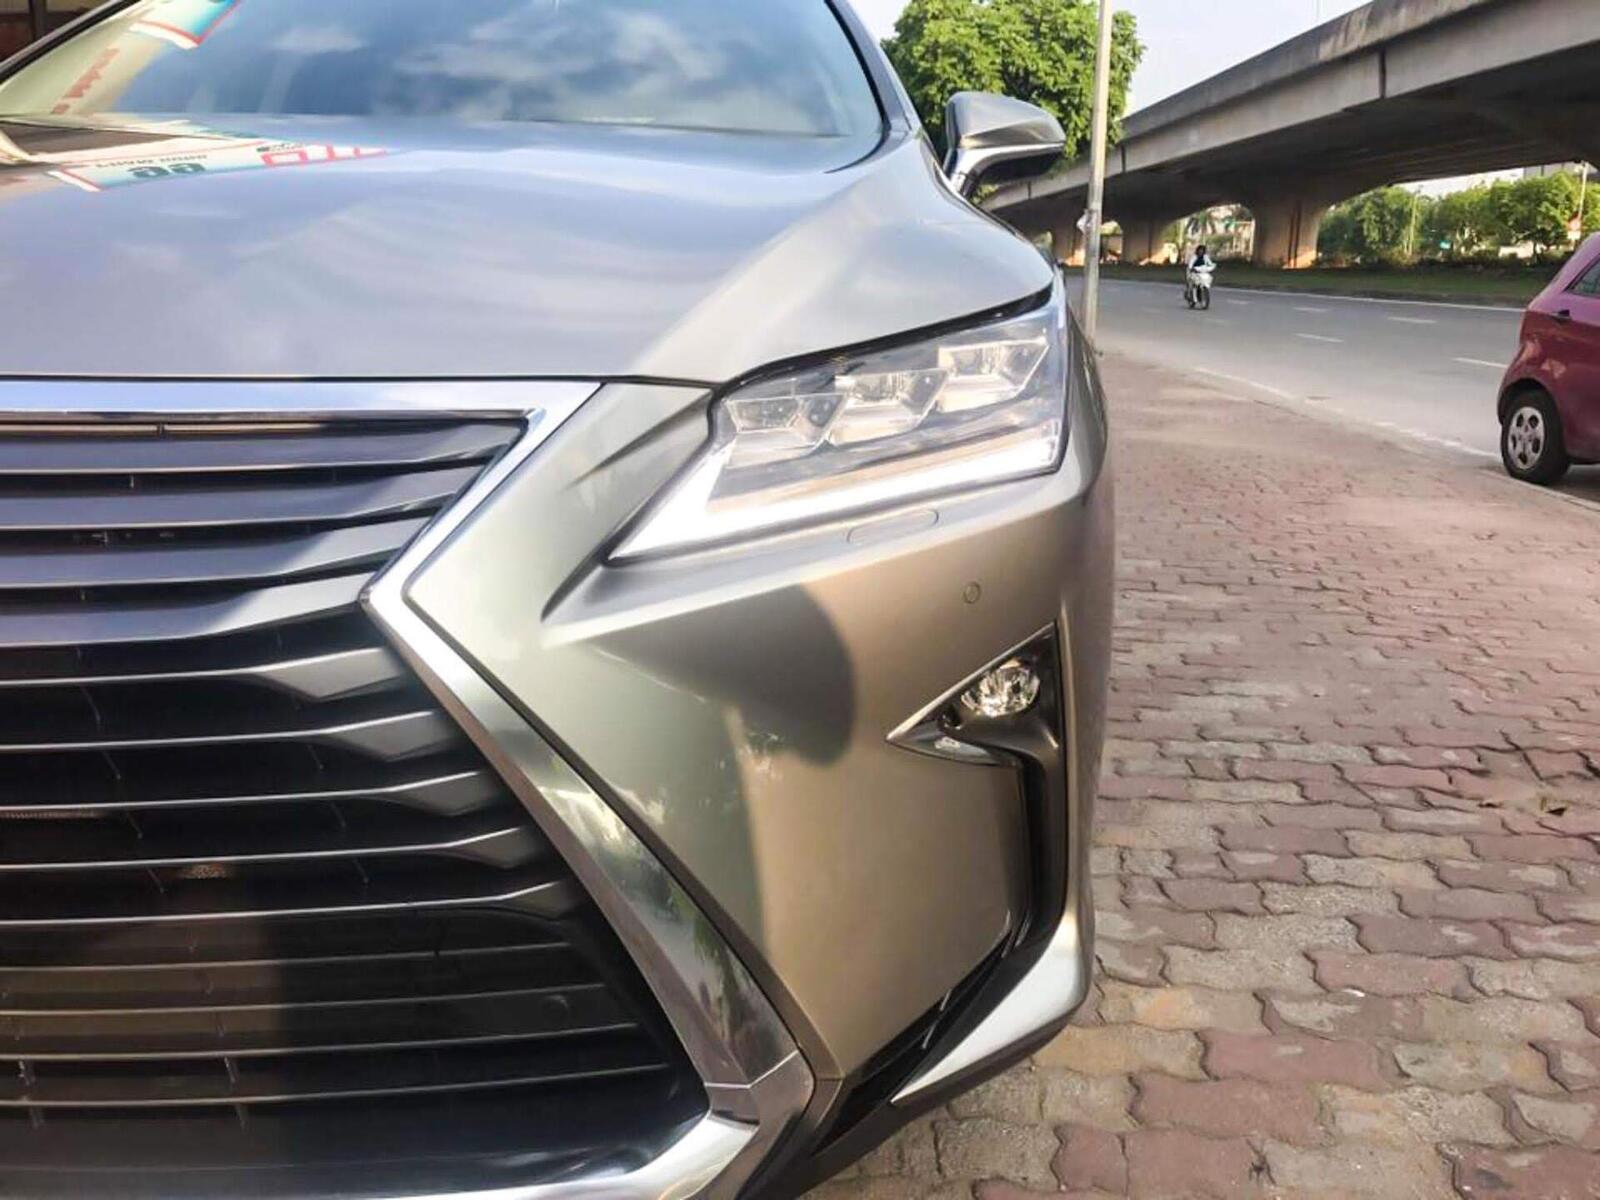 Lexus RX 350L 2018 phiên bản 7 chỗ đã về Việt Nam; giá không dưới 4,9 tỷ đồng - Hình 3